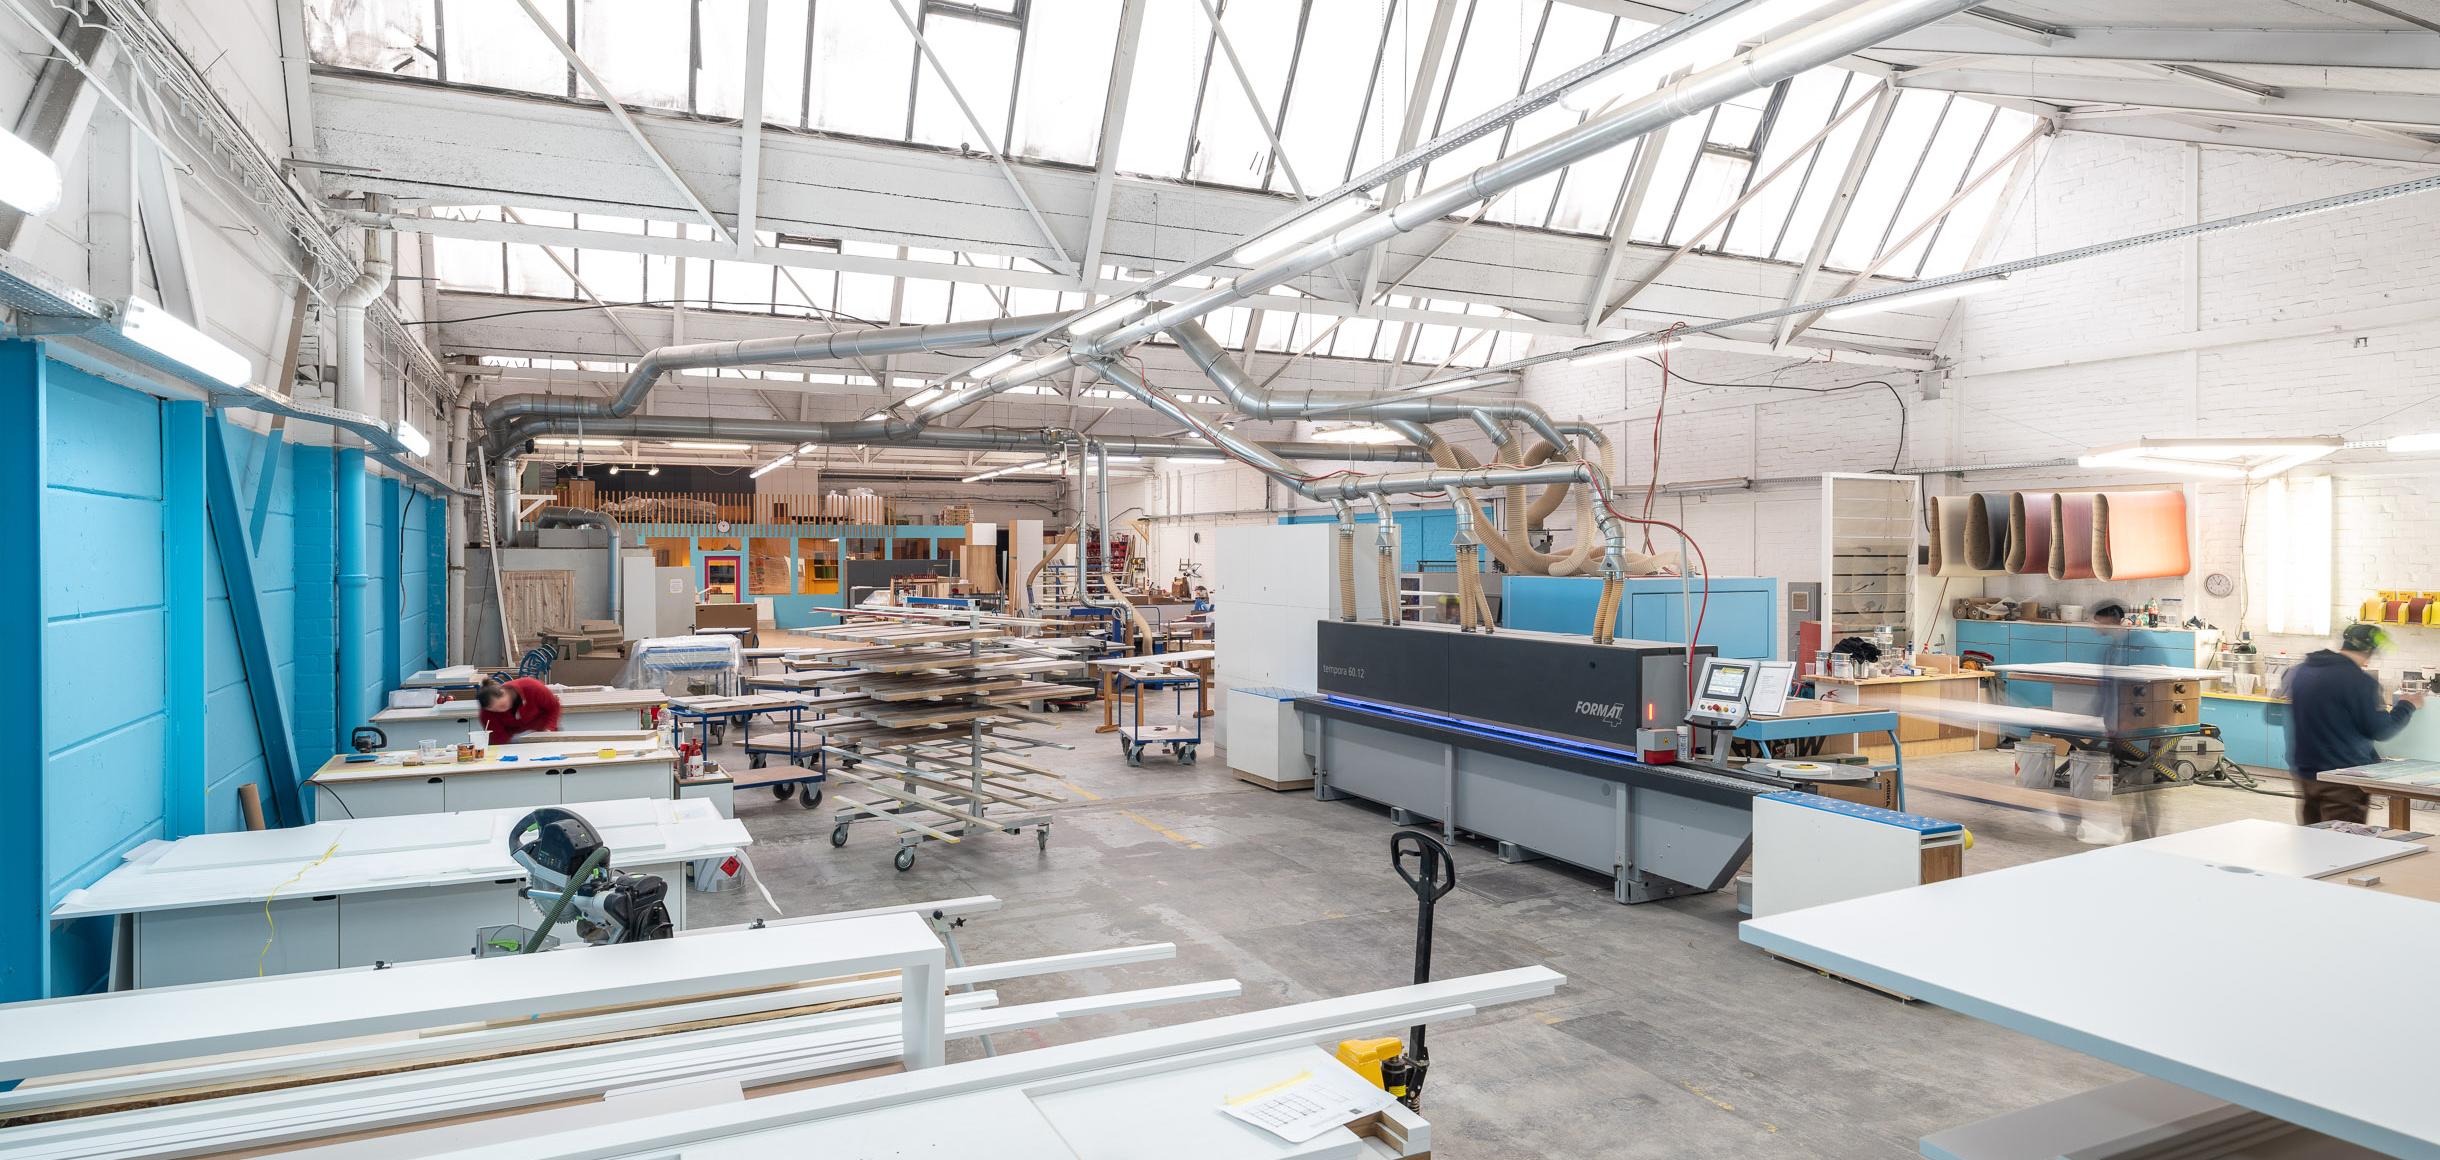 Ein Blick in unsere Werkstatt mit dem Meisterbüro, der Kantenanleimmaschine und den Plattenregal